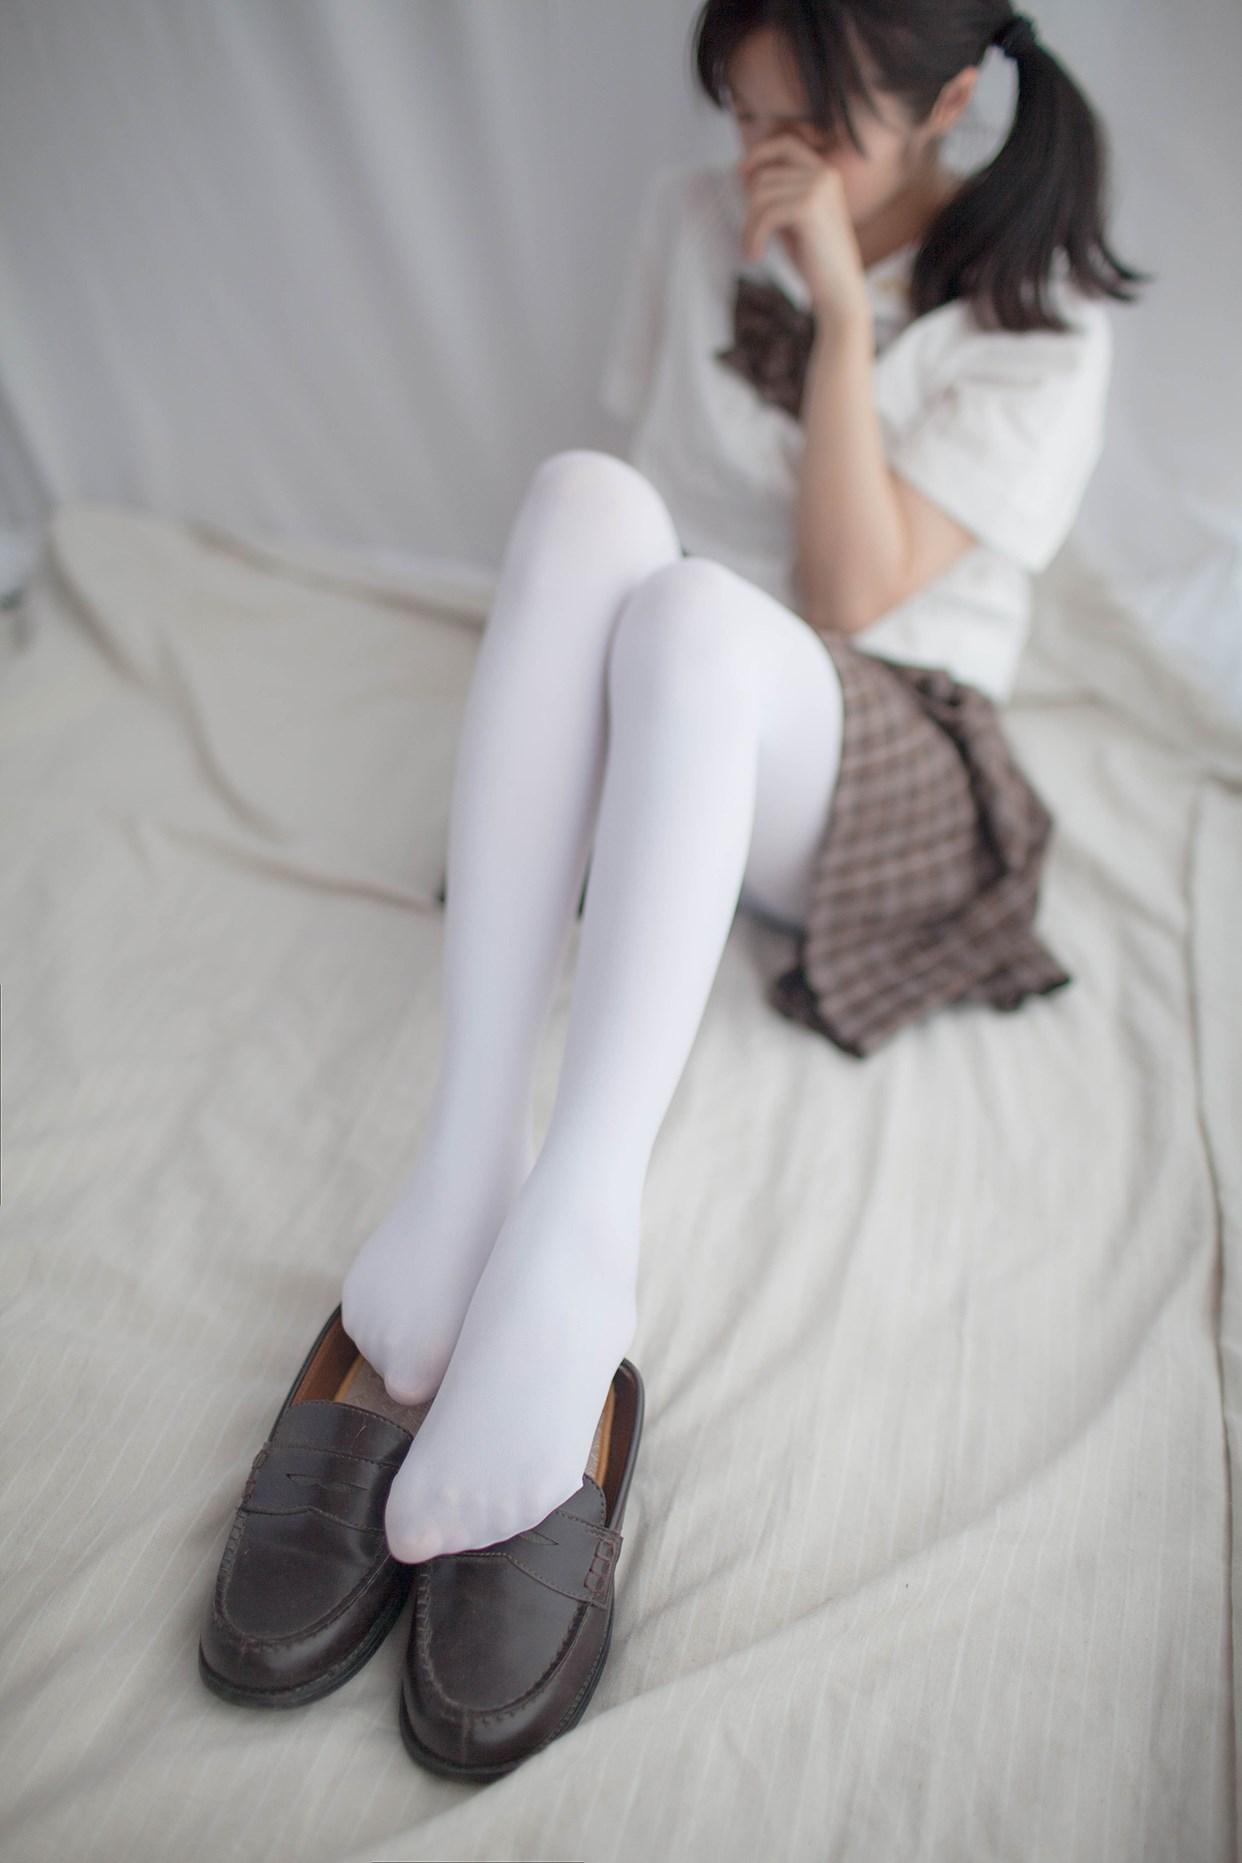 【兔玩映画】白丝少女 兔玩映画 第46张